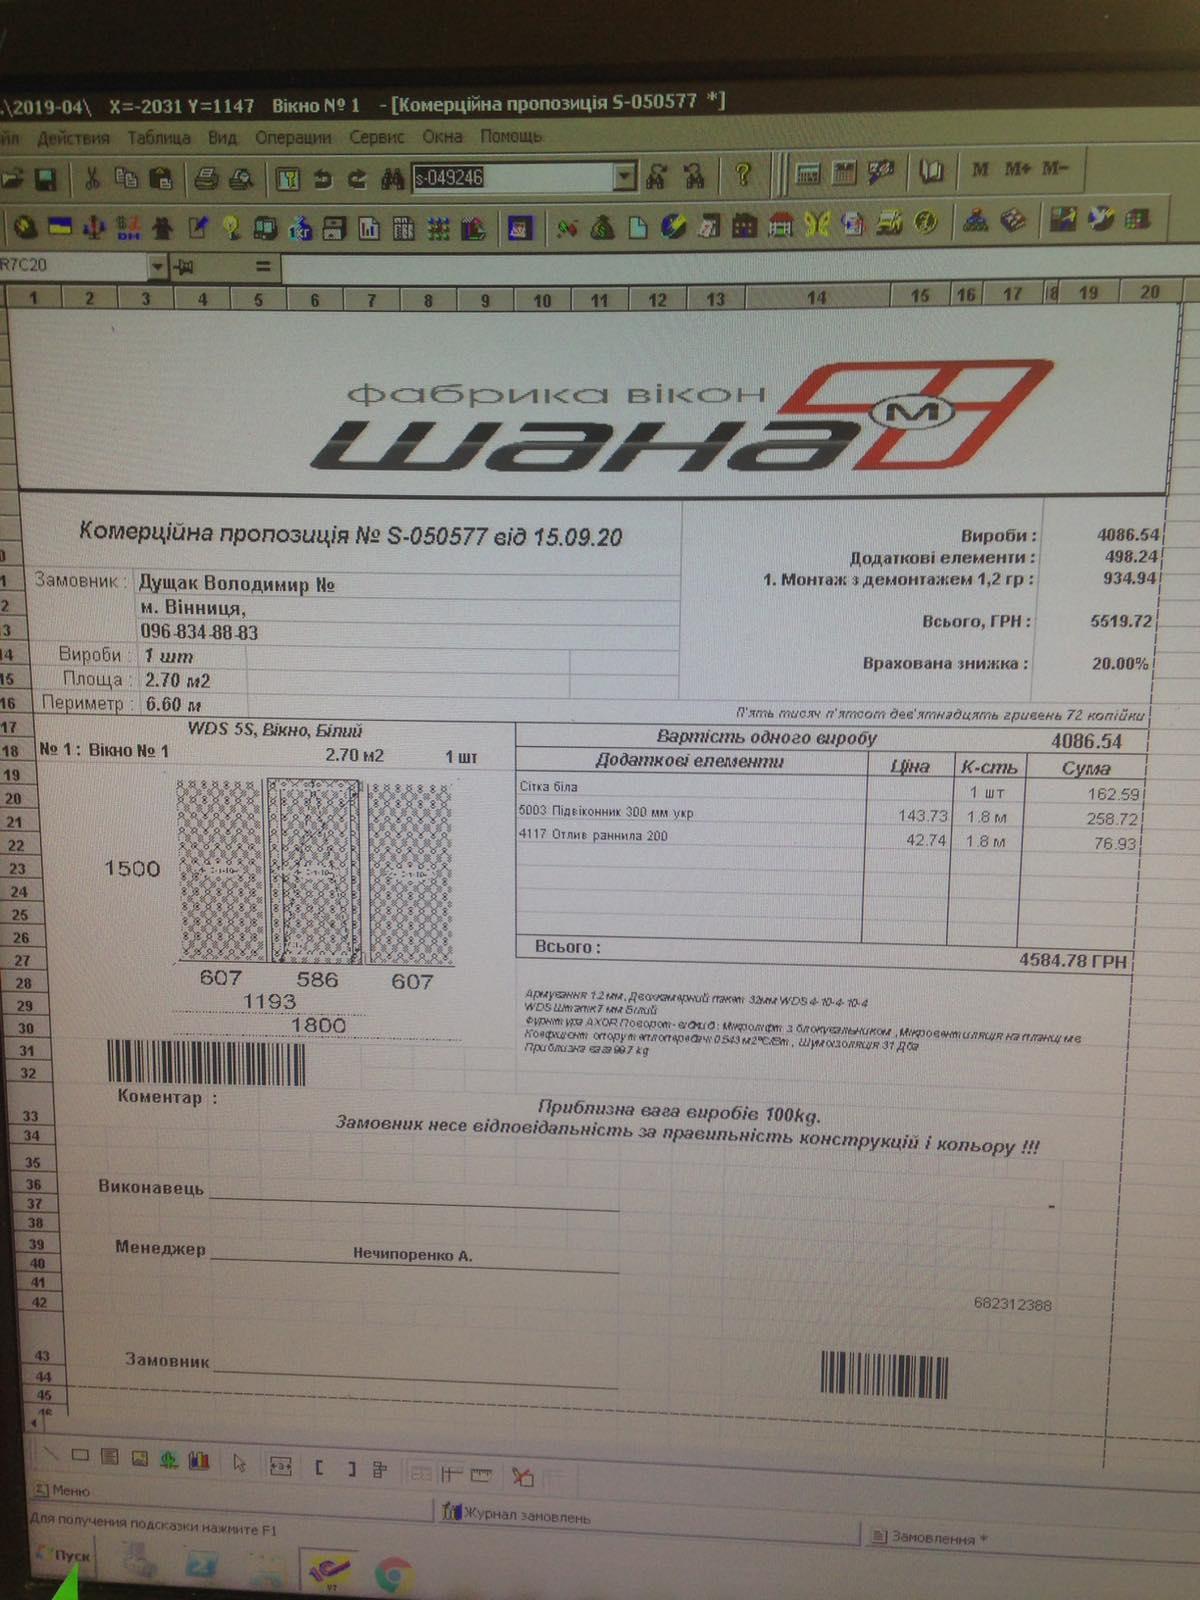 Розрахунок вартості на вікно шириною 1800мм Х висотою 1500мм. Металопластиковий профіль WDS 5s. Ціна 4086 грн.  - Вінниця